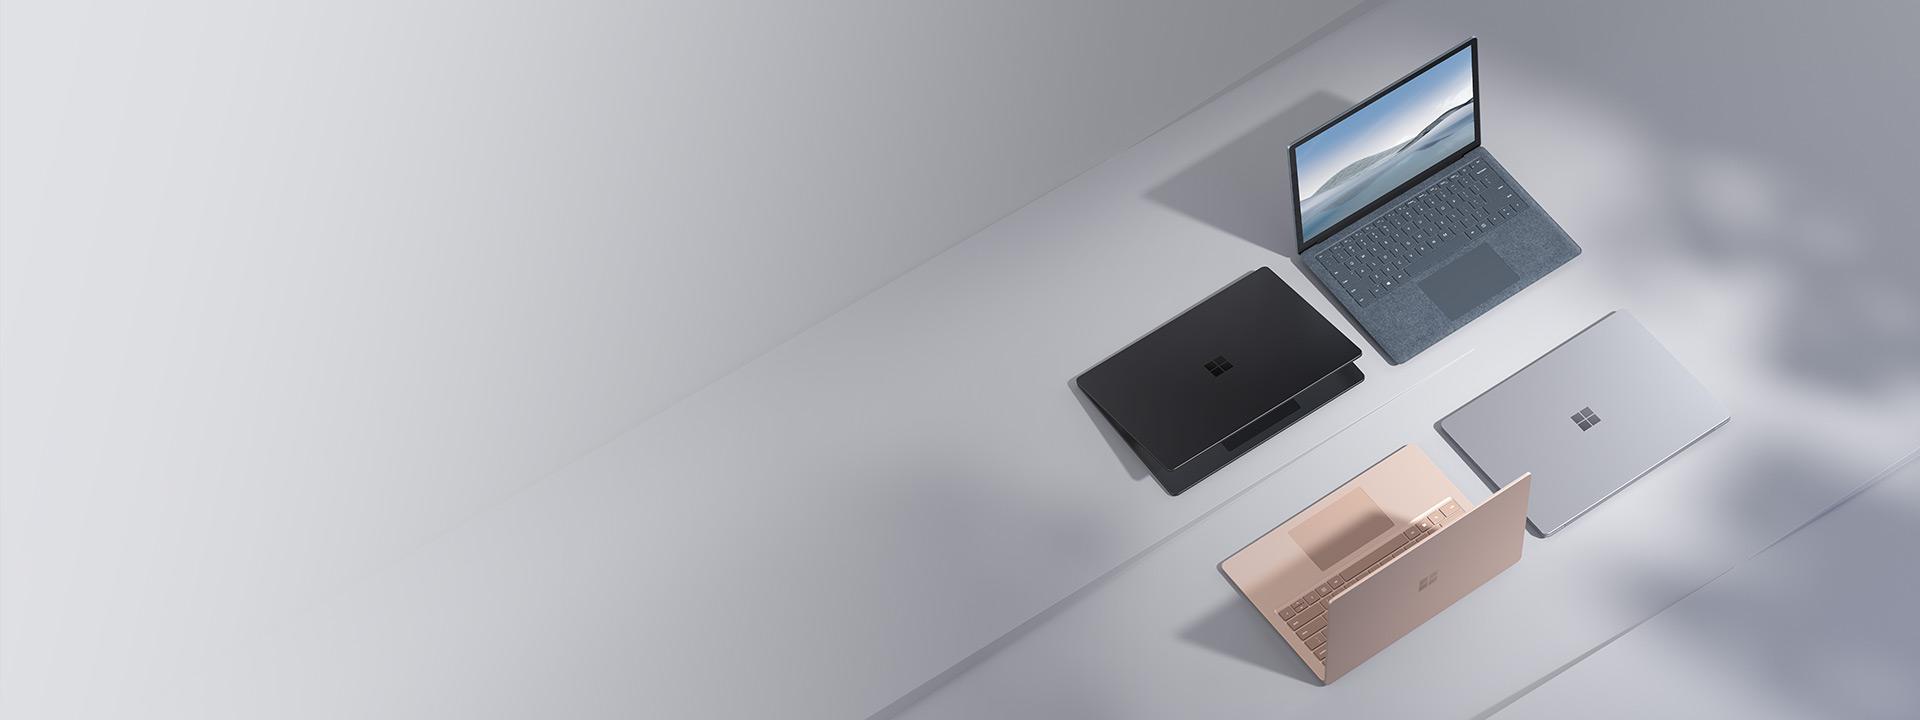 新面市的 Surface 系列